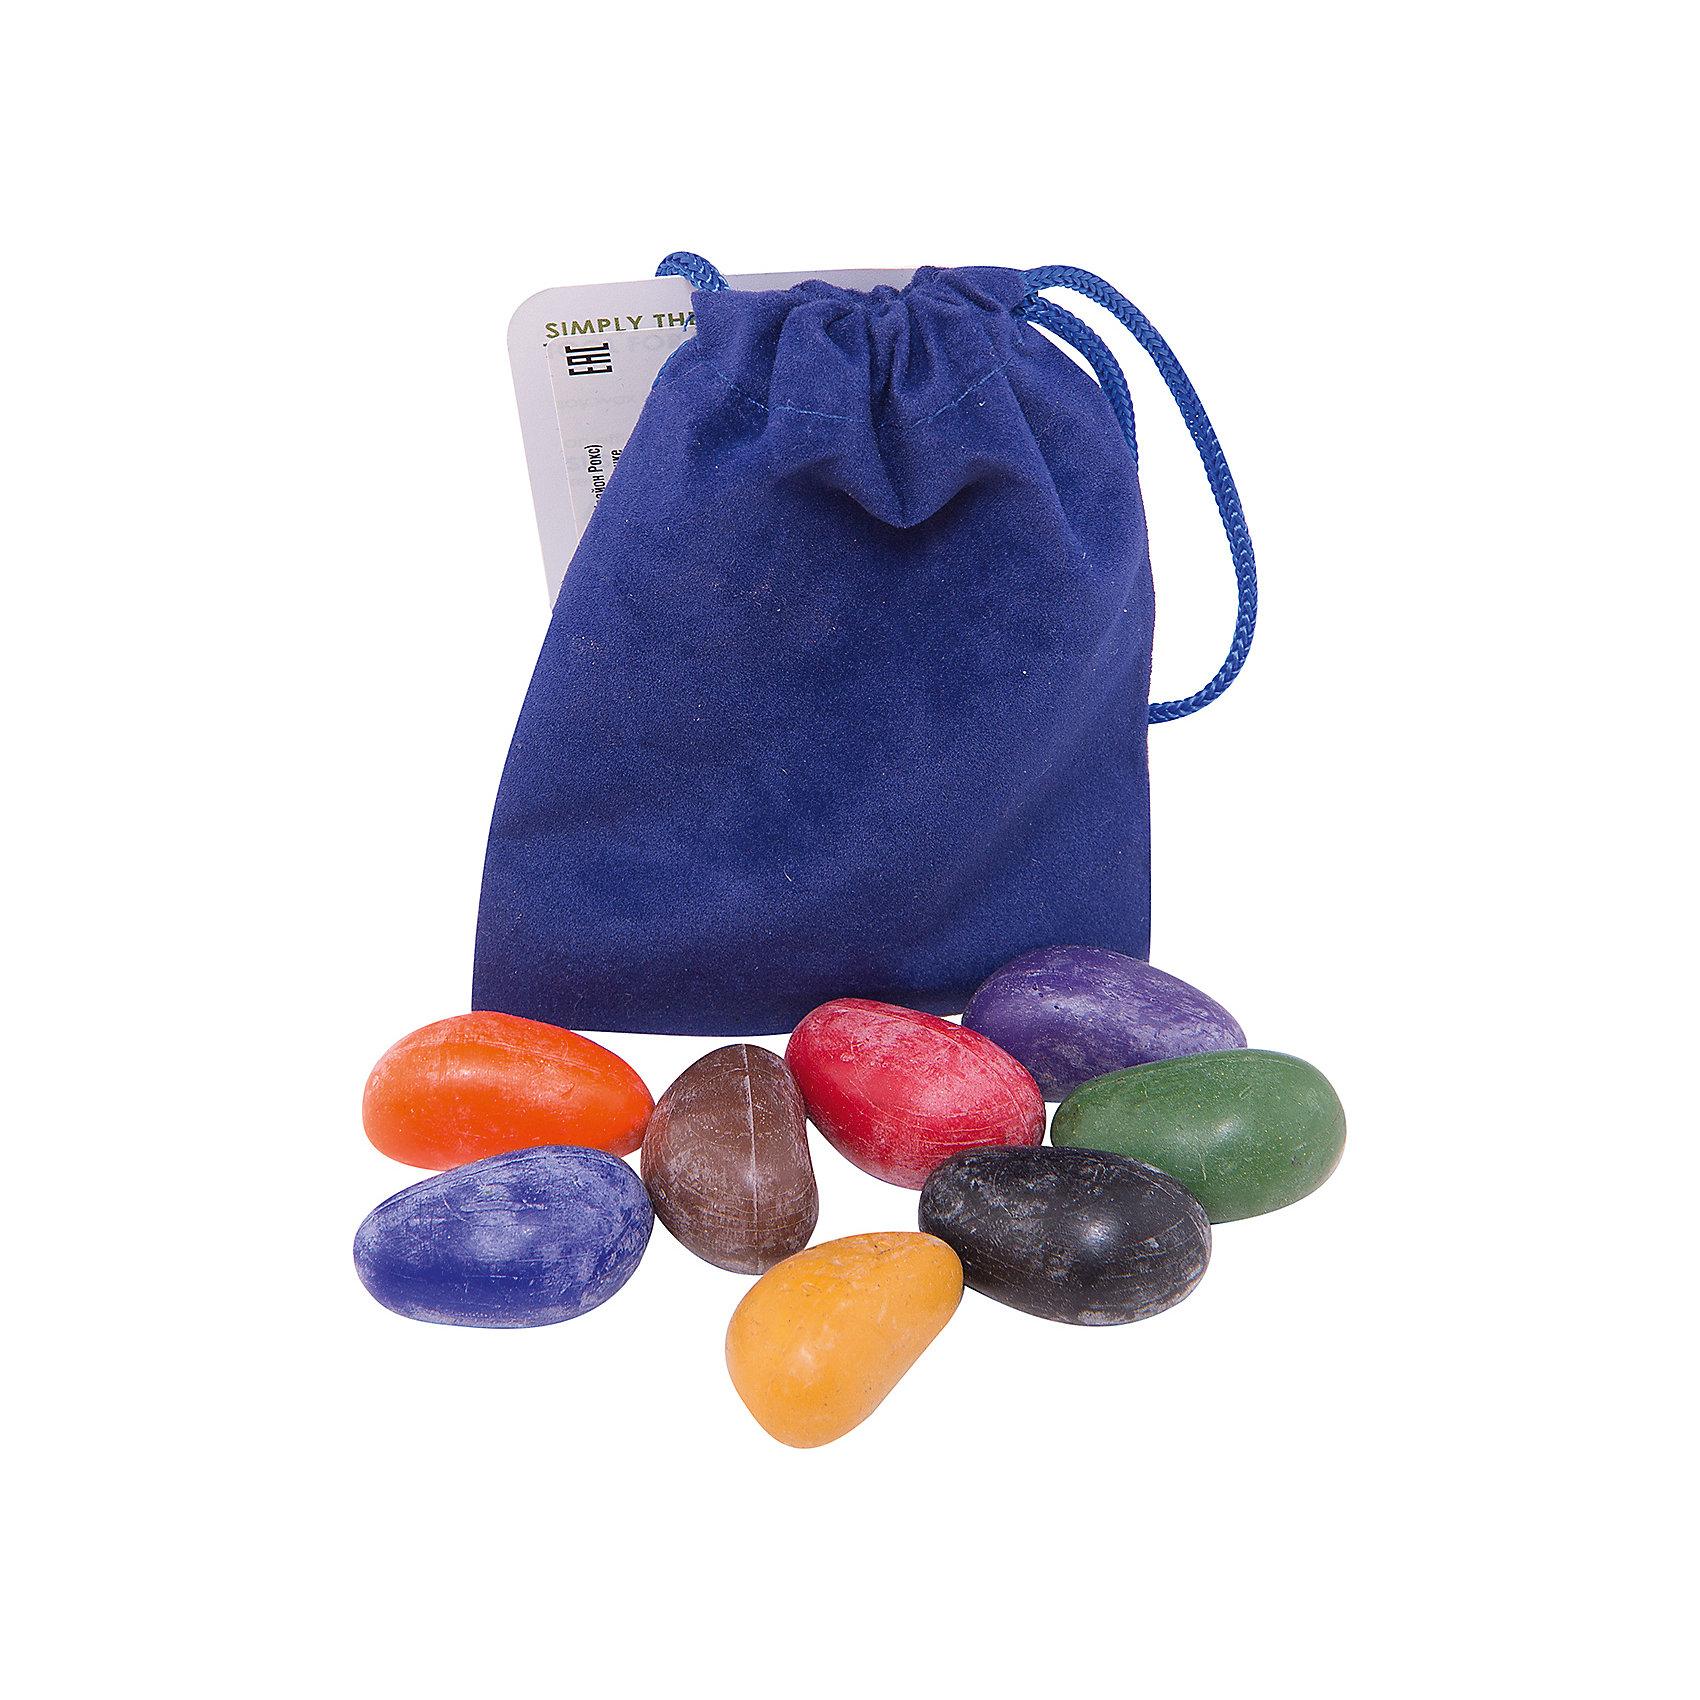 Мелки-камушки восковые, 8 шт, Crayon RocksМелки-камушки восковые, 8 шт, Crayon Rocks<br><br>Характеристика:<br><br>-Возраст: от 3 лет<br>-Вес: 50 г <br>-Размер: 10х2х13 <br>-8 штук <br>-марка: Crayon Rocks (Крайон Рокс)<br><br>Форма мелков-камушек идеально подходит и для самых маленьких художников, линии получаются живые и живописные, а что бы закрасить большой участок бумаги нужно гораздо меньше времени и усилий. Мелки камушки абсолютно натуральны и безопасны. Они сделаны из соевого воска, который производится из соевых бобов, выращенных в США. Окрашены камушки исключительно натуральными пигментами. Все цвета летние, солнечные, при наложении на бумагу очень напоминают пастель. Они не крошатся, не пачкают одежду и не откалываются при падении. При рисовании штрихи мягкие, усилий прикладывать не нужно. Так же они отлично ложатся не только на бумагу, но и  на любую другую поверхность (например дерево или кирпич). Мелки расфасованы в льняные или бархатные мешочки, что делает их удобными для хранения и путешествий. <br><br>Мелки-камушки восковые, 8 шт, Crayon Rocks можно приобрести в нашем интернет-магазине.<br><br>Ширина мм: 100<br>Глубина мм: 20<br>Высота мм: 130<br>Вес г: 50<br>Возраст от месяцев: 36<br>Возраст до месяцев: 168<br>Пол: Унисекс<br>Возраст: Детский<br>SKU: 5116906